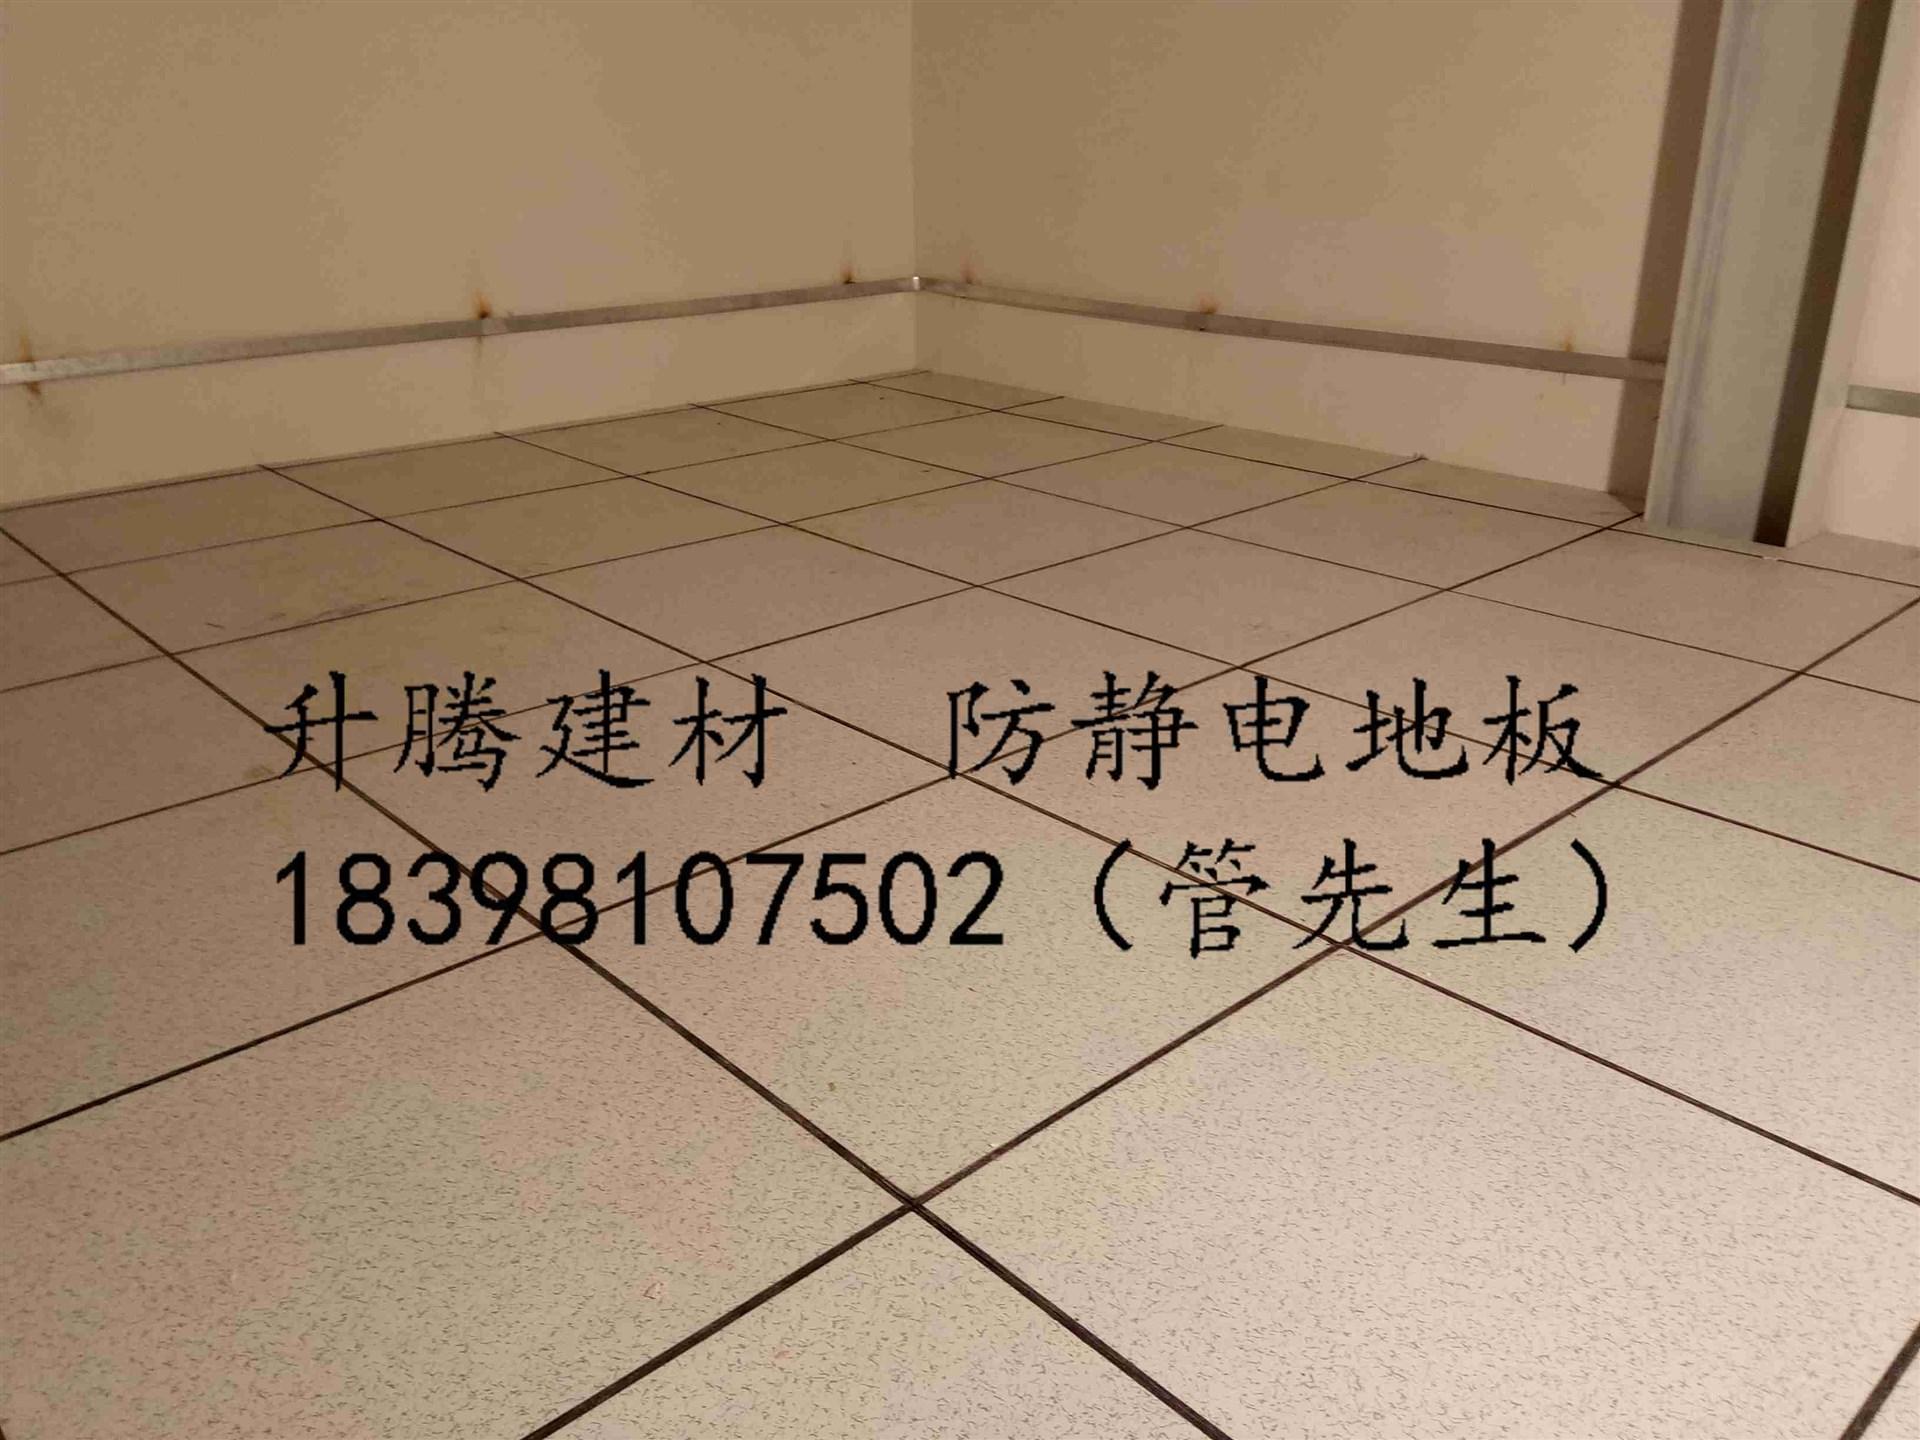 大英防静电地板PVC抗静电陶瓷抗静电地板全钢无边活动地板